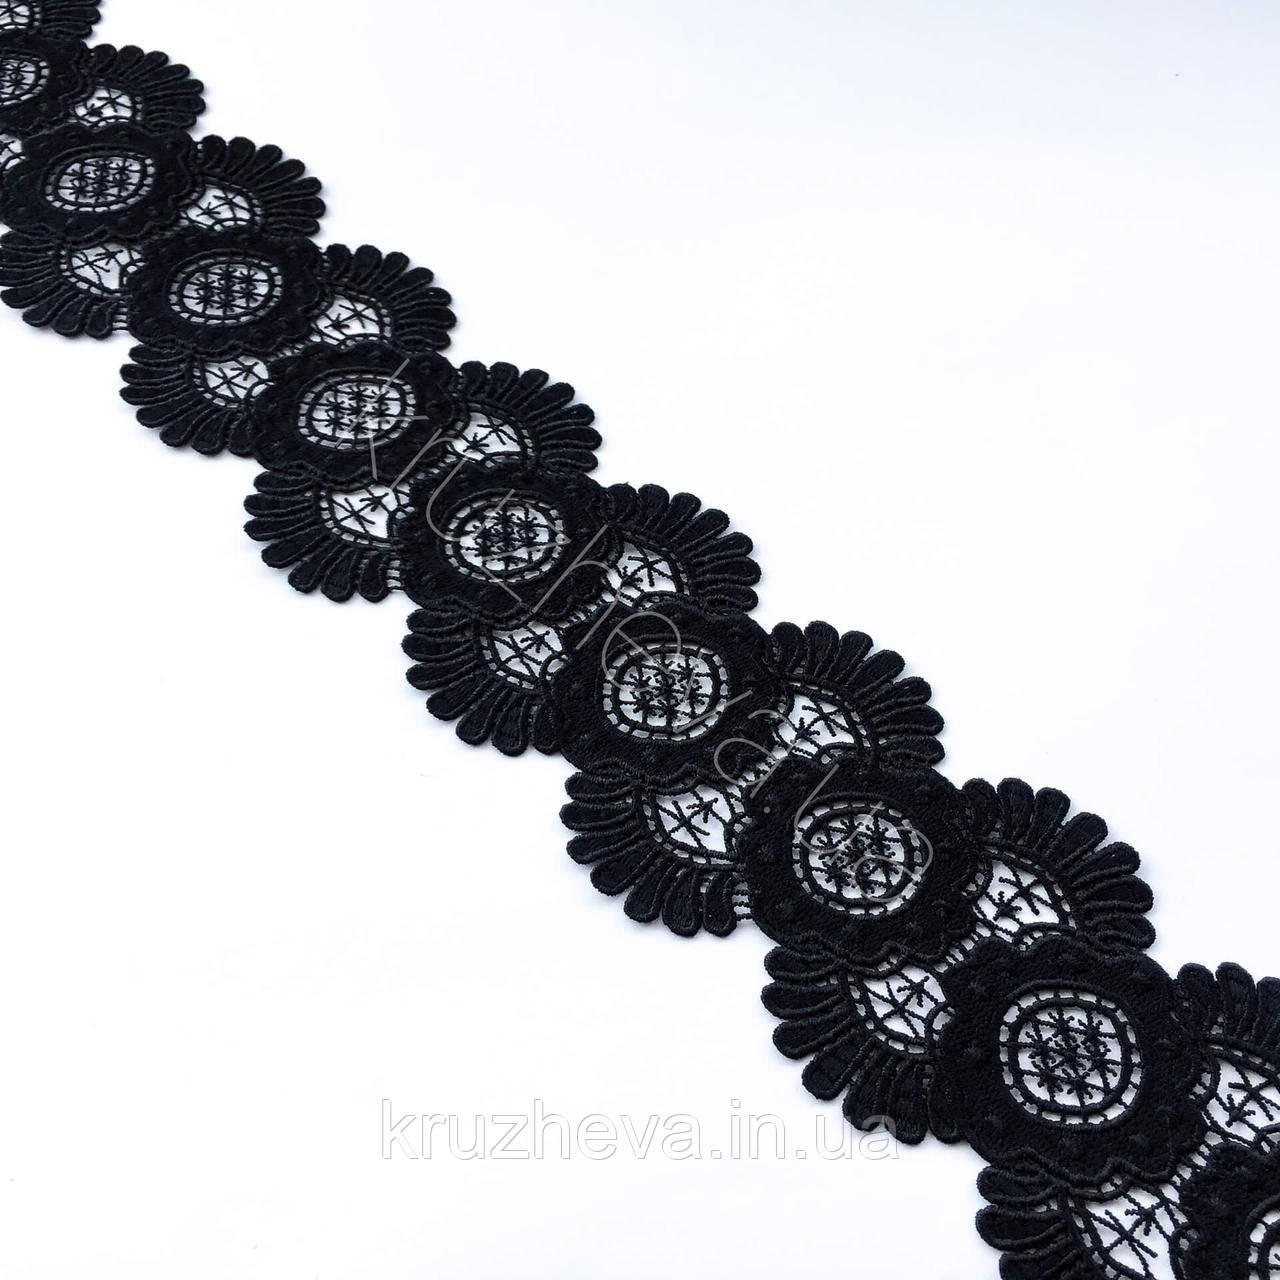 Мереживо макраме чорного кольору, ширина 10 див.